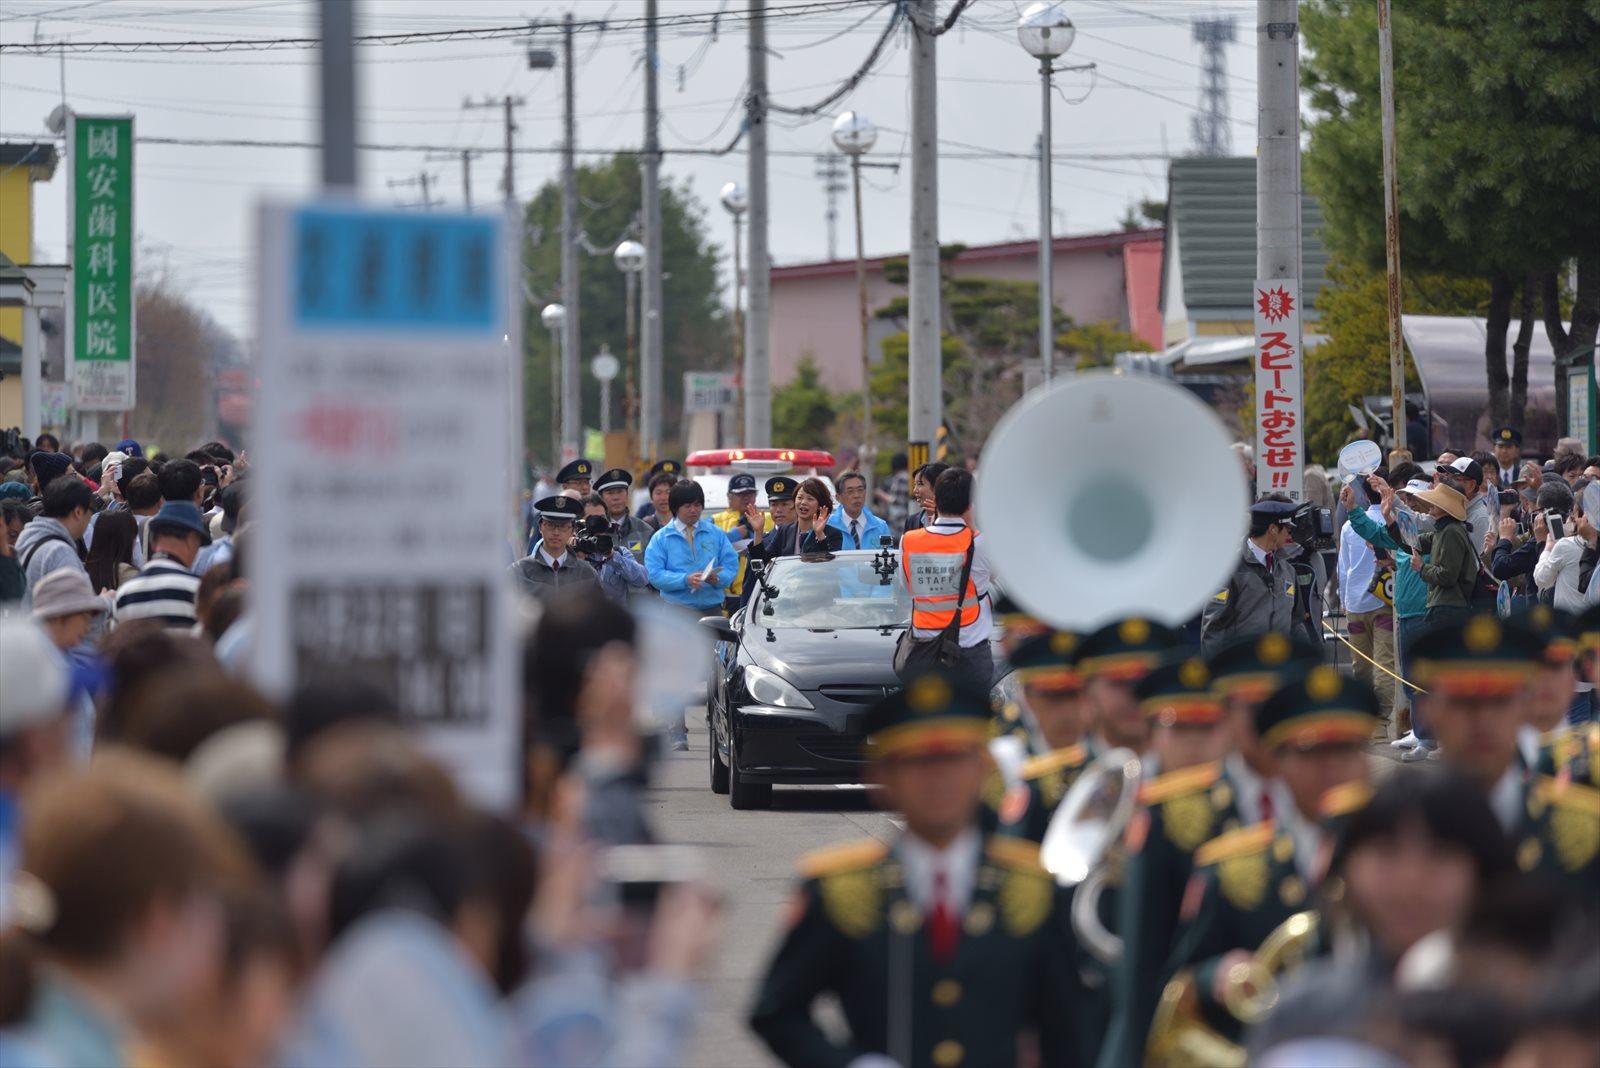 【幕別町】高木姉妹のパレードを見てきました。_a0145819_21462077.jpg